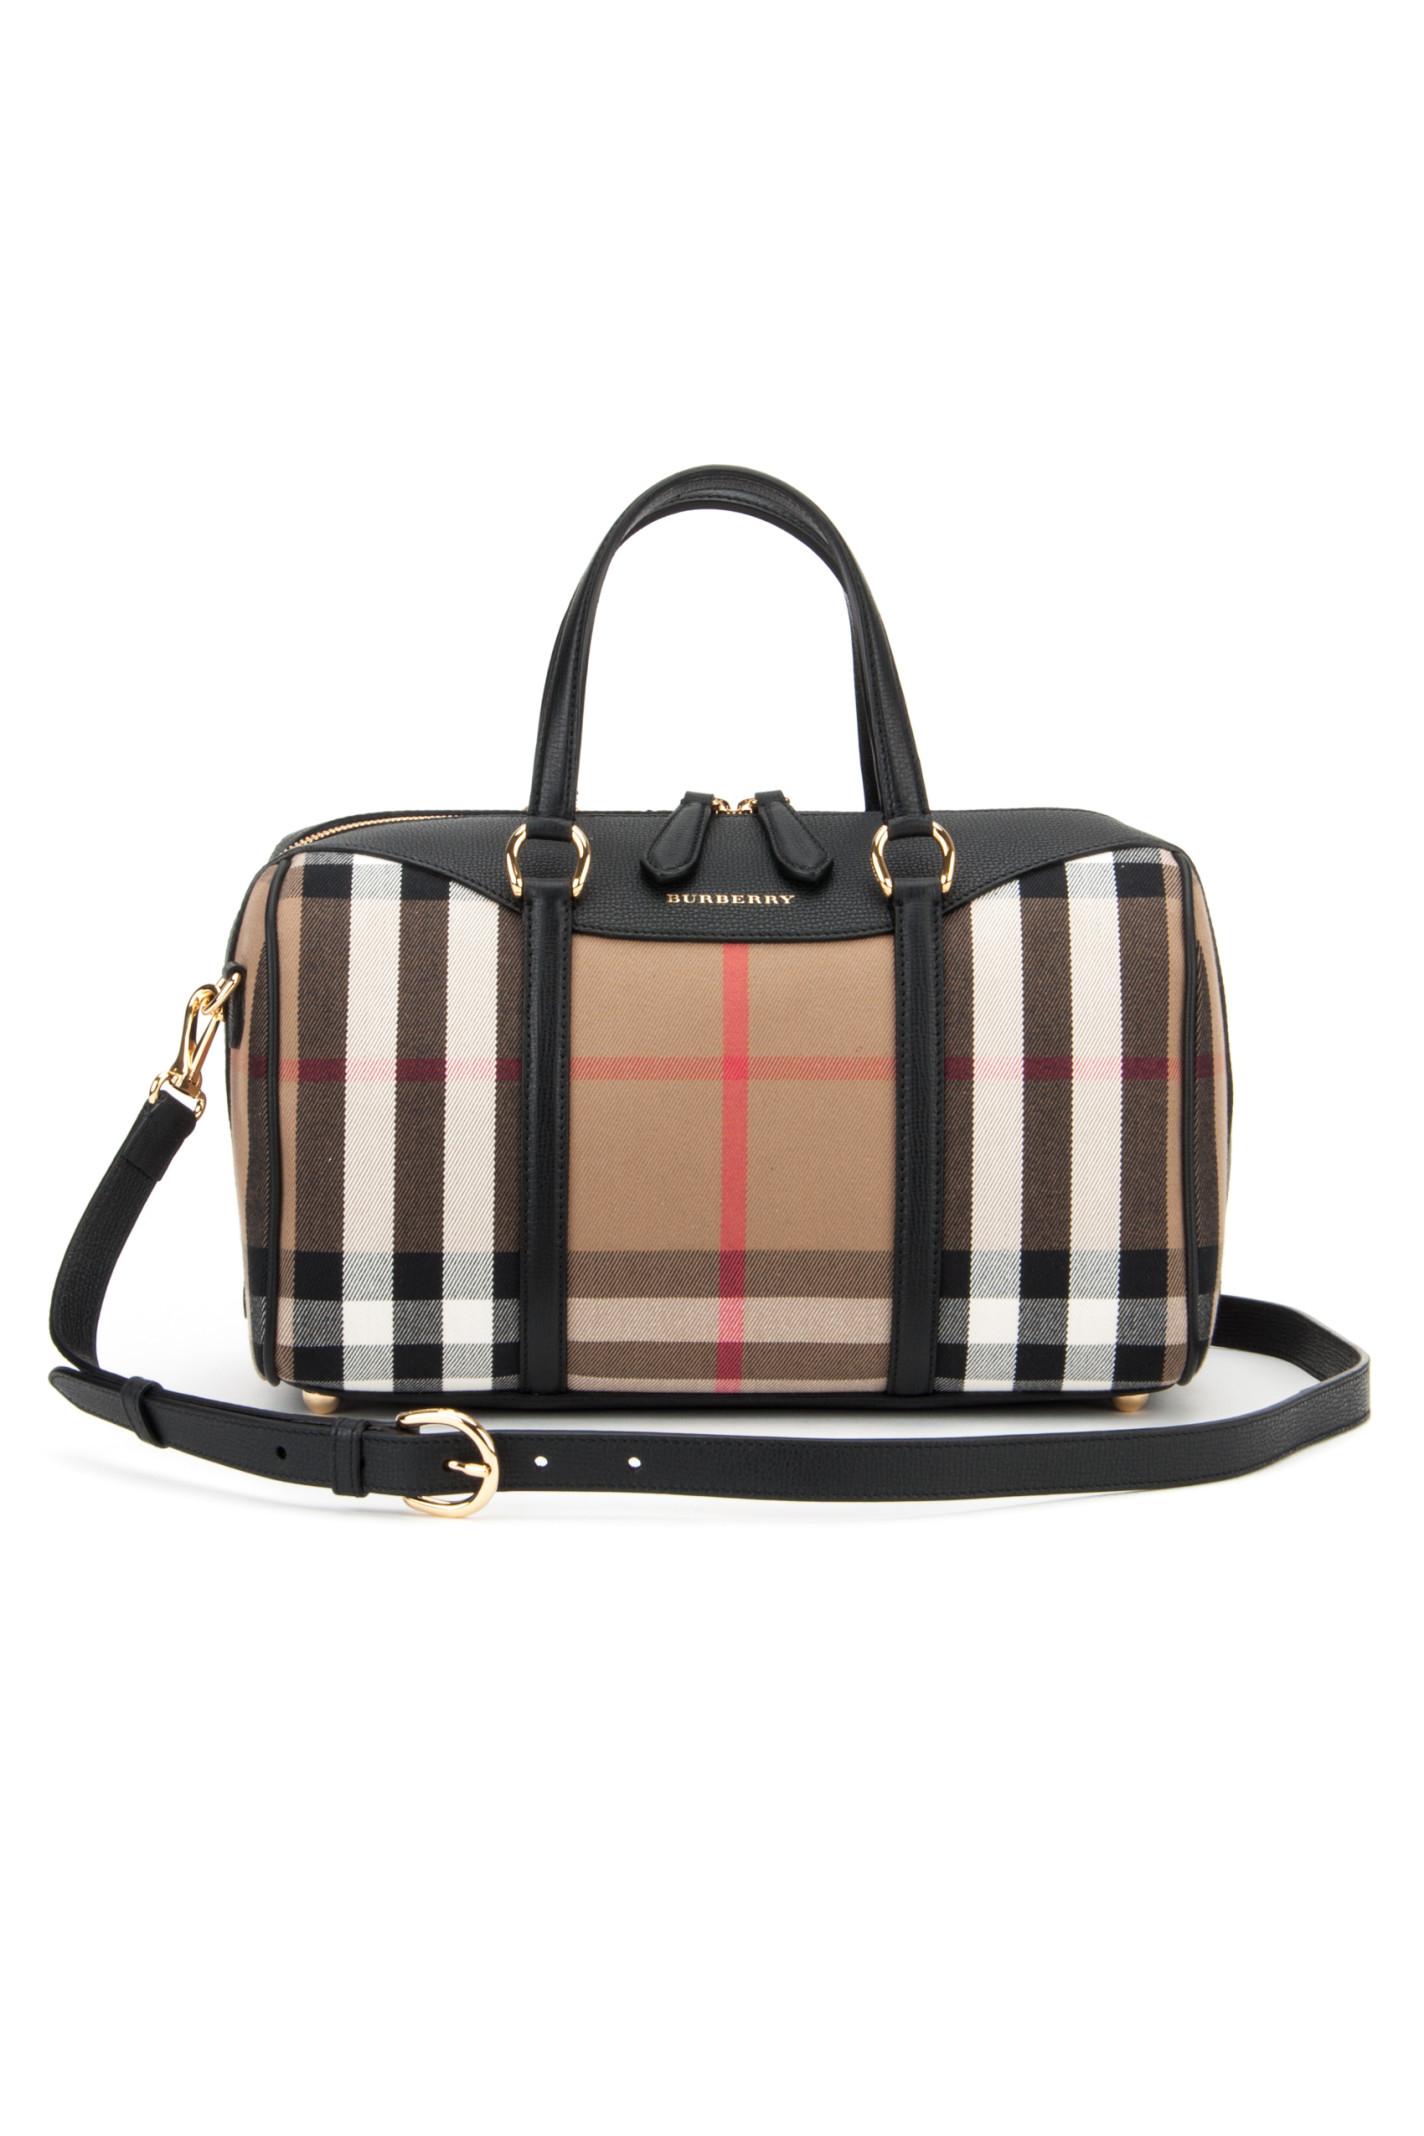 Burberry Medium Alchester Bag in Black  7c27f480e135c